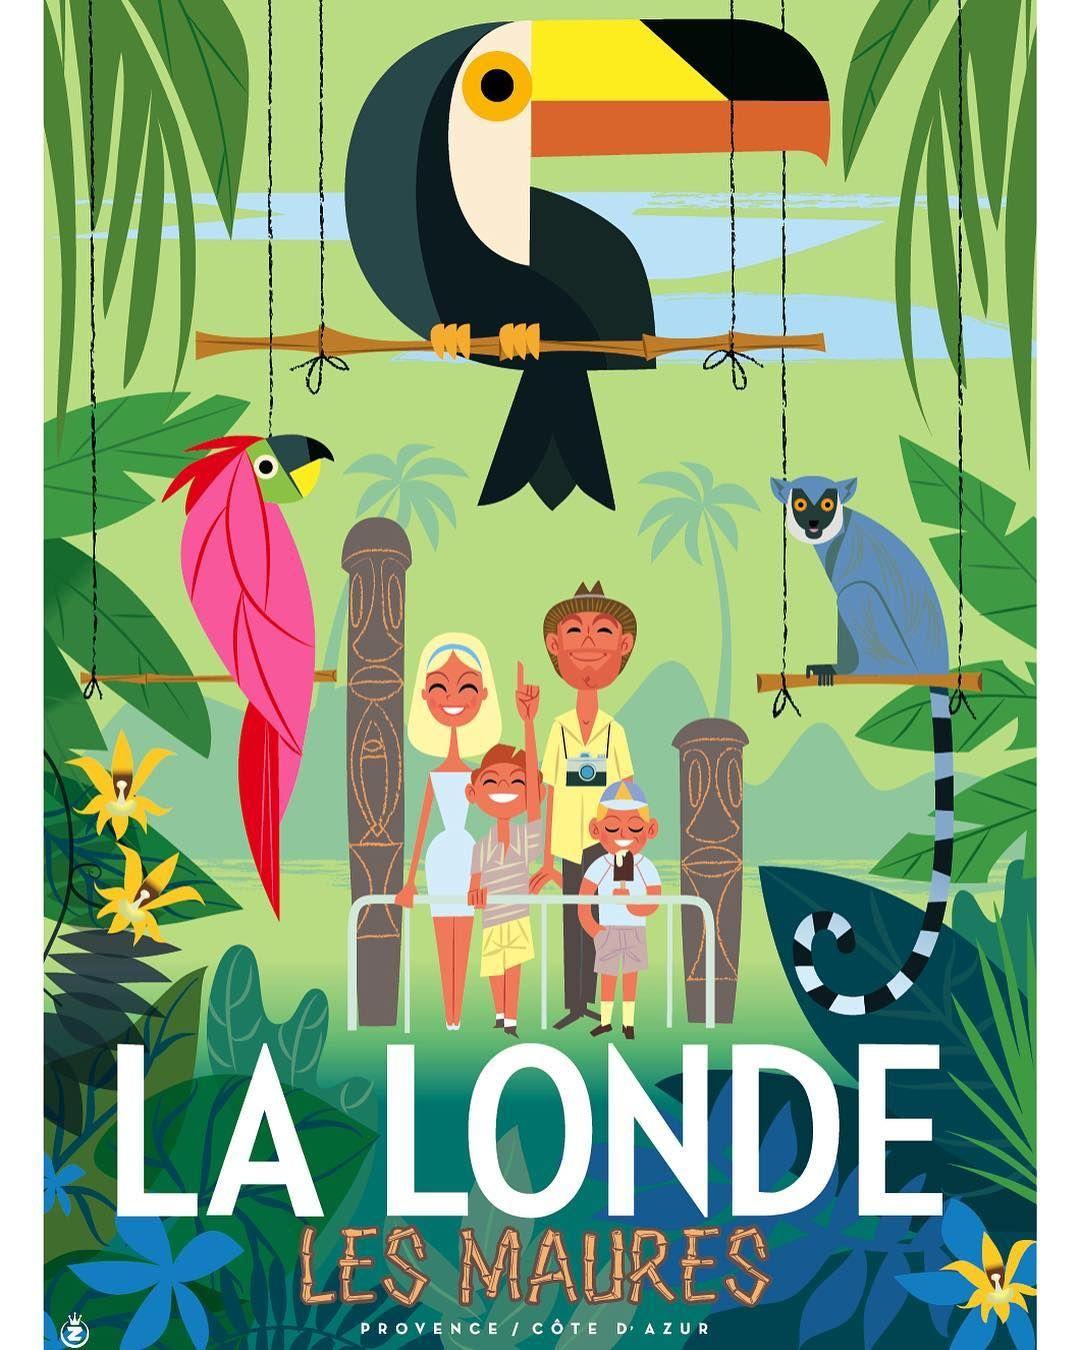 Le Jardin Zoologique Vu Par Monsieurz Lalondelesmaures